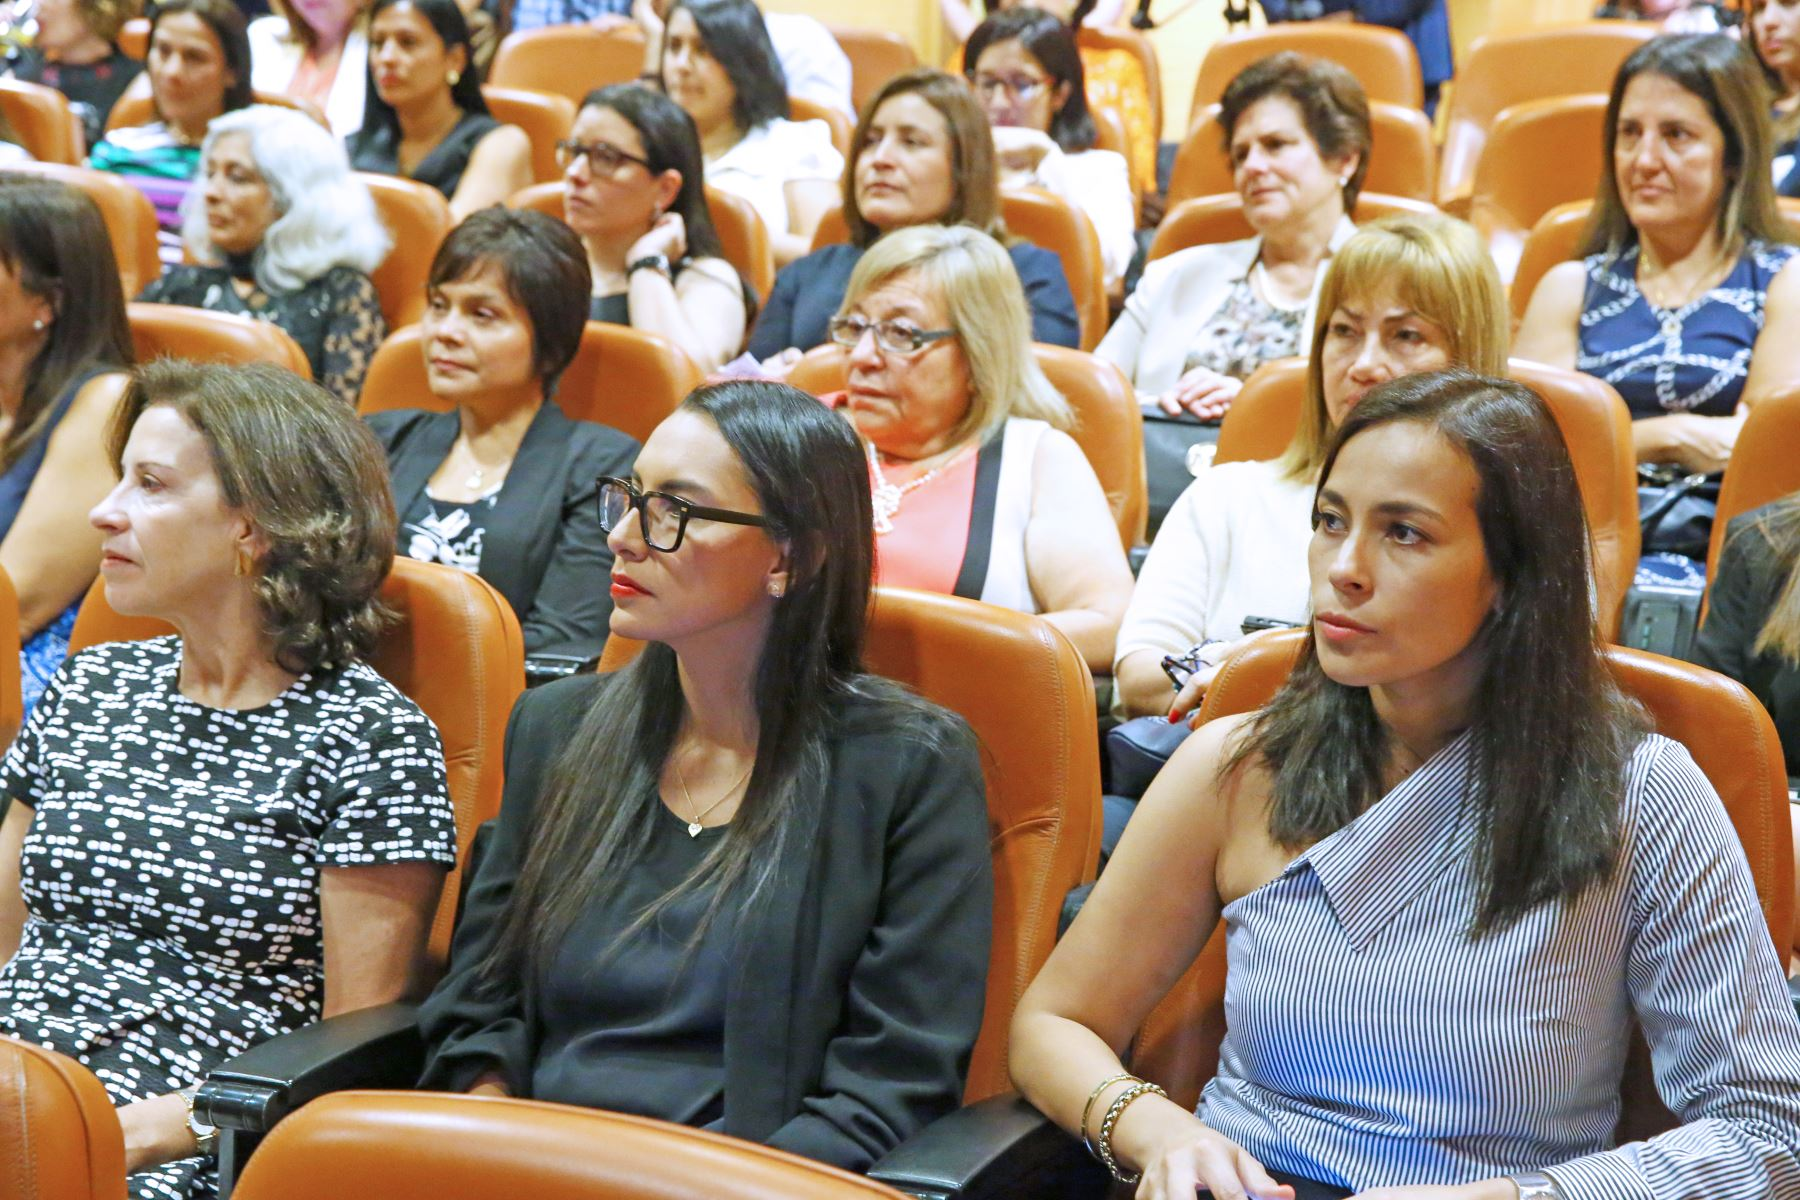 Para el presidente de la Bolsa de Valores de Lima, Marco Antonio Zaldívar, las mujeres tienen que formar parte de los directorios de empresas, pues su aporte en el mercado de capitales es necesario. ANDINA/Melina Mejía